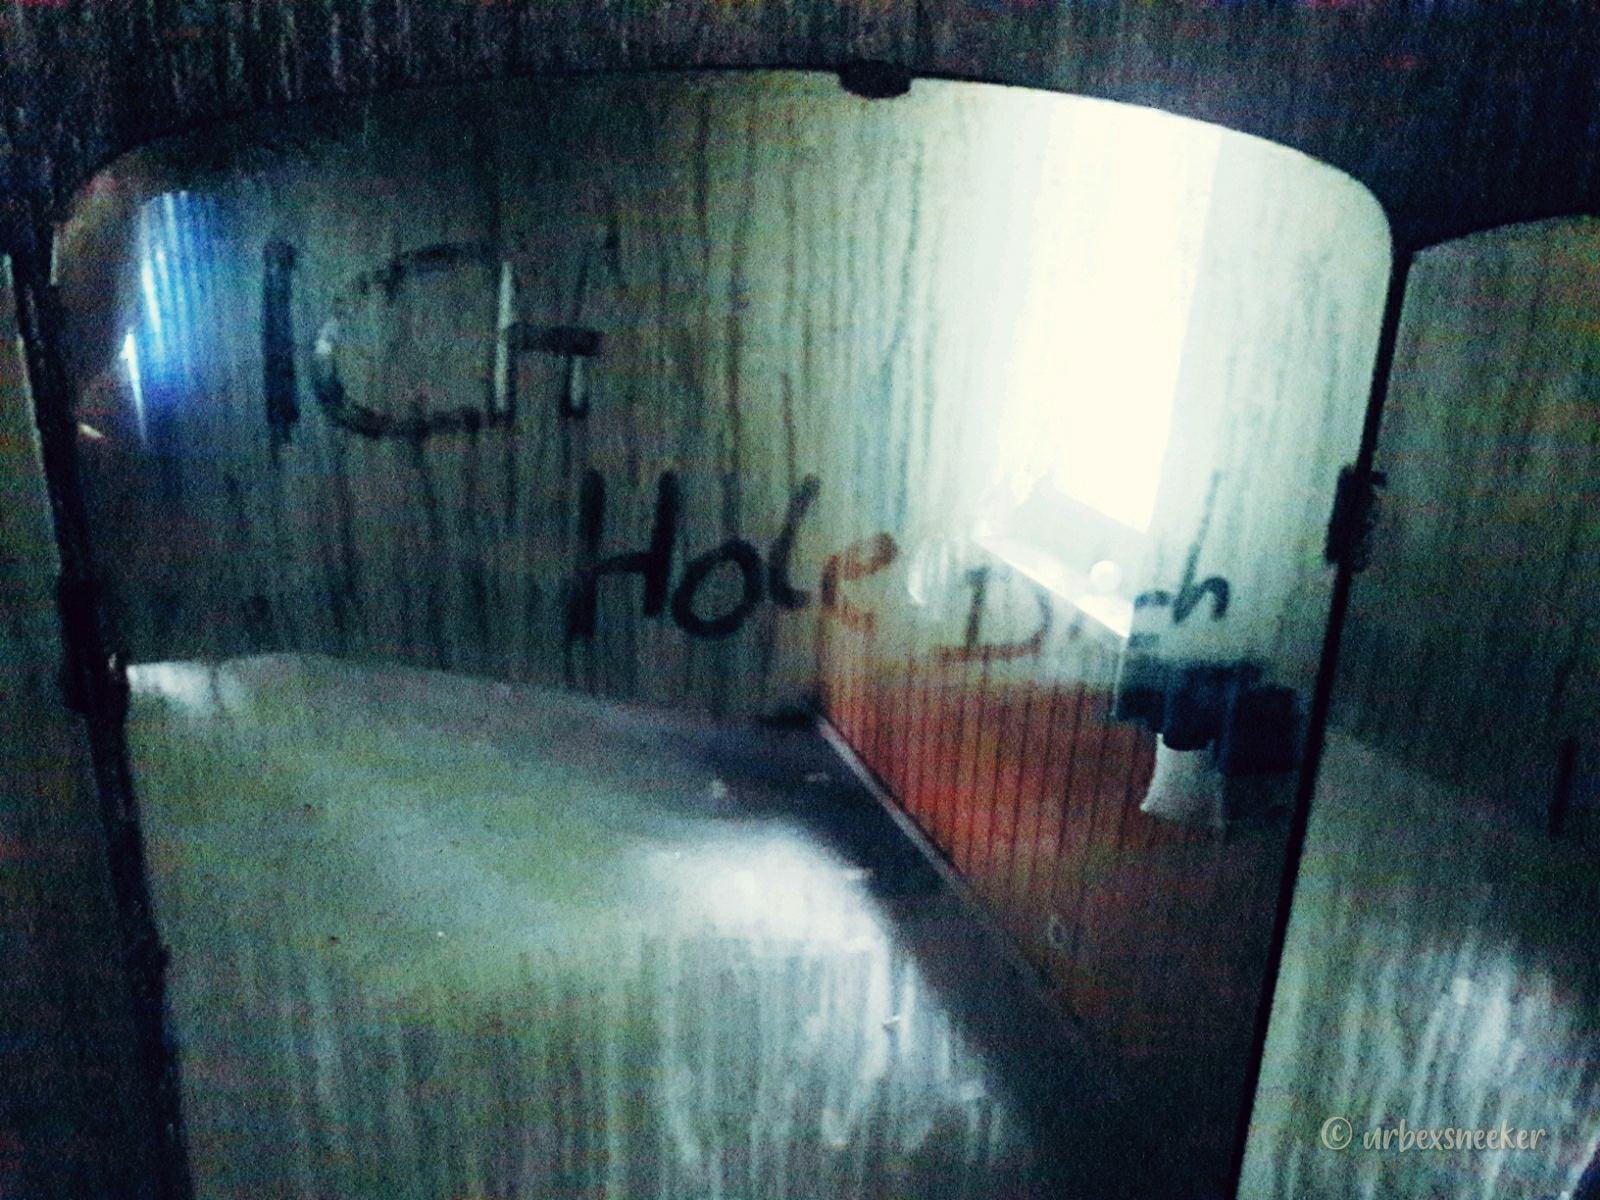 verlassenes Hotel Lampe Spiegelschrift